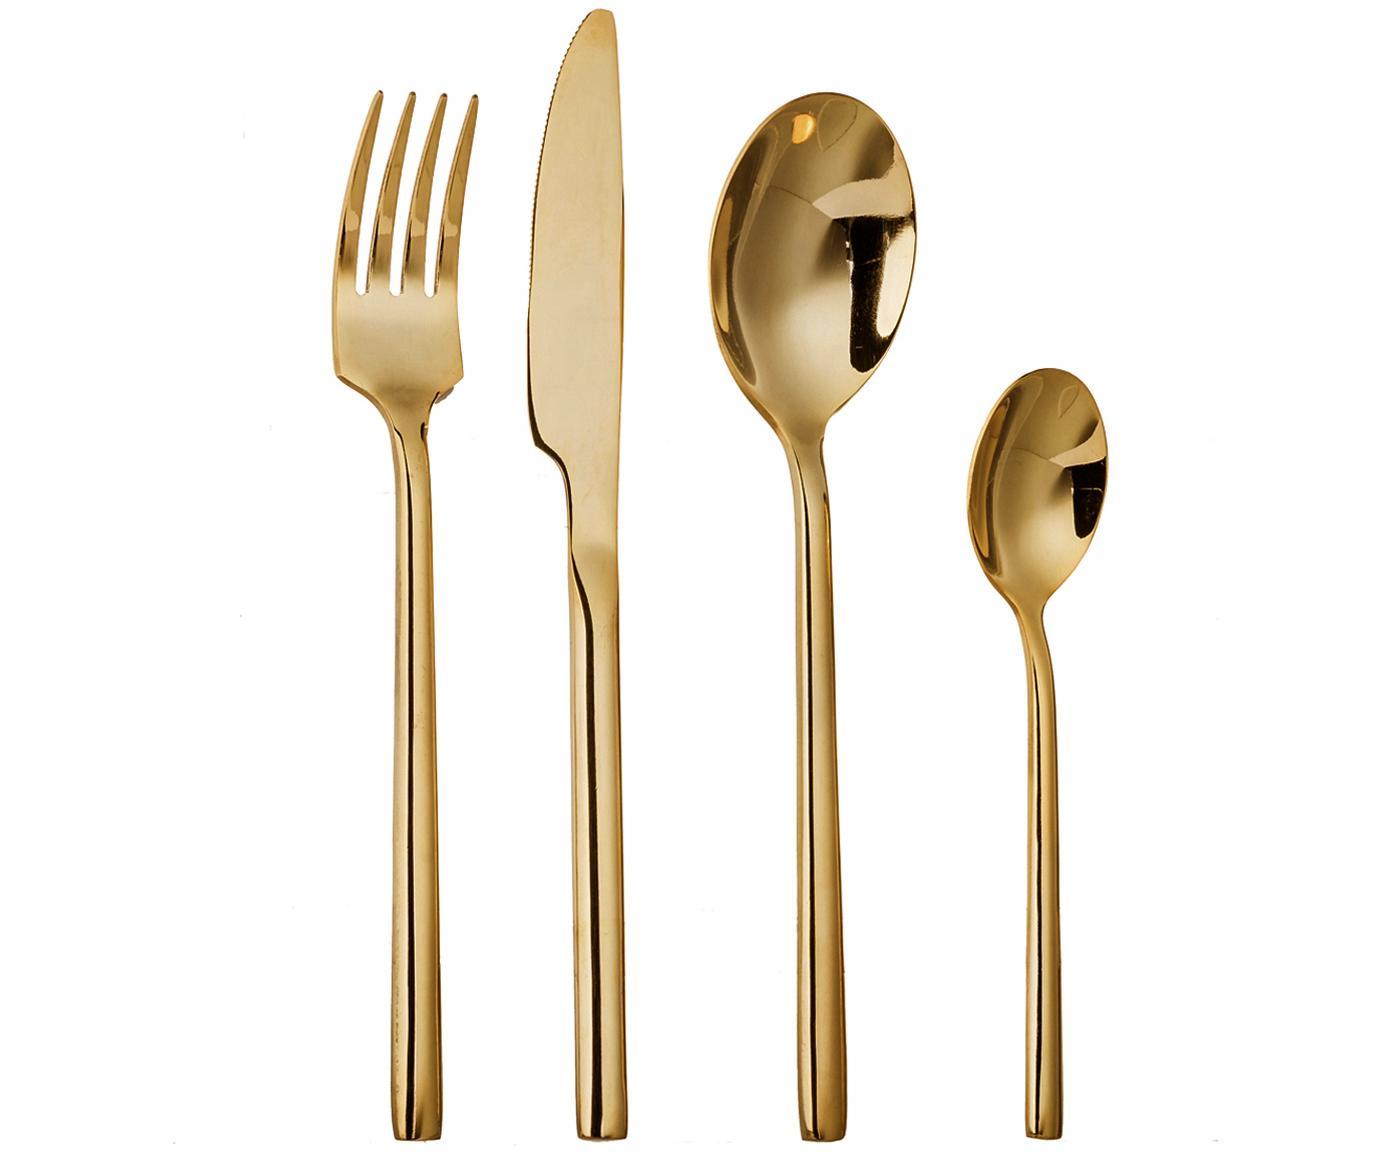 Set 16 posate dorate in acciaio inossidabile per 4 persone Matera, Acciaio inossidabile 13/0, ottonato, Ottone, Diverse dimensioni